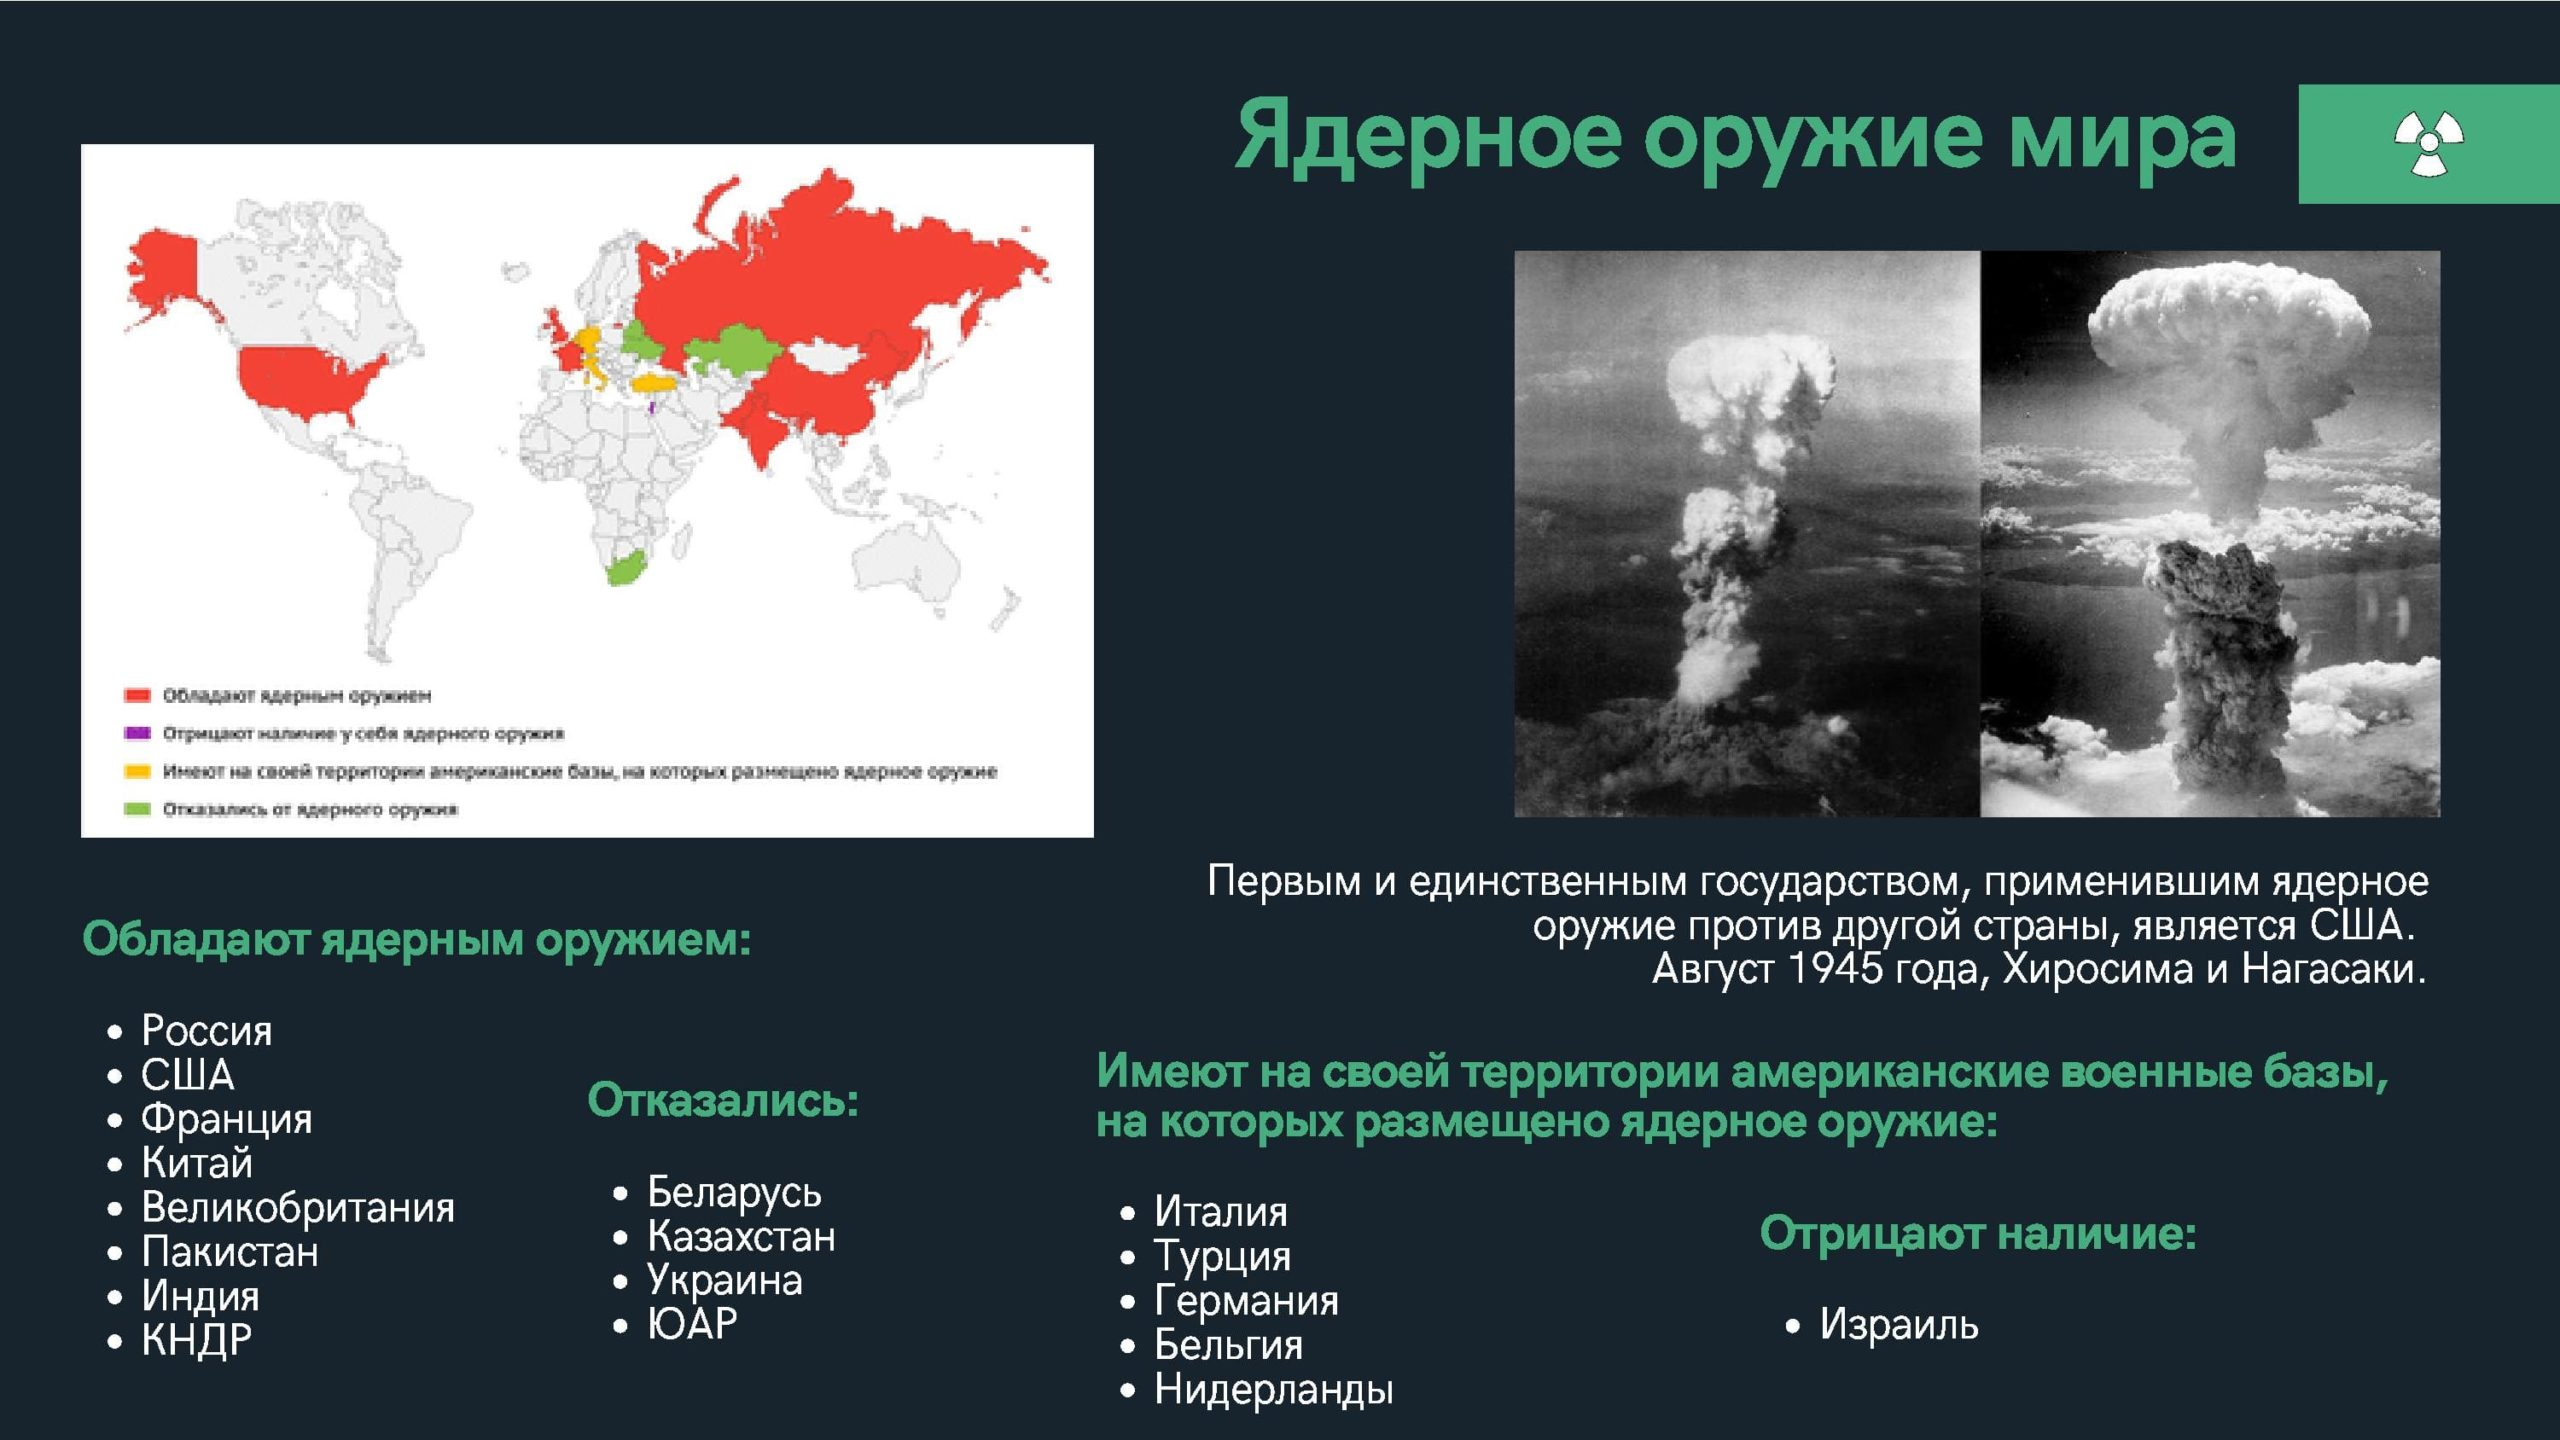 Ядерное оружие мира